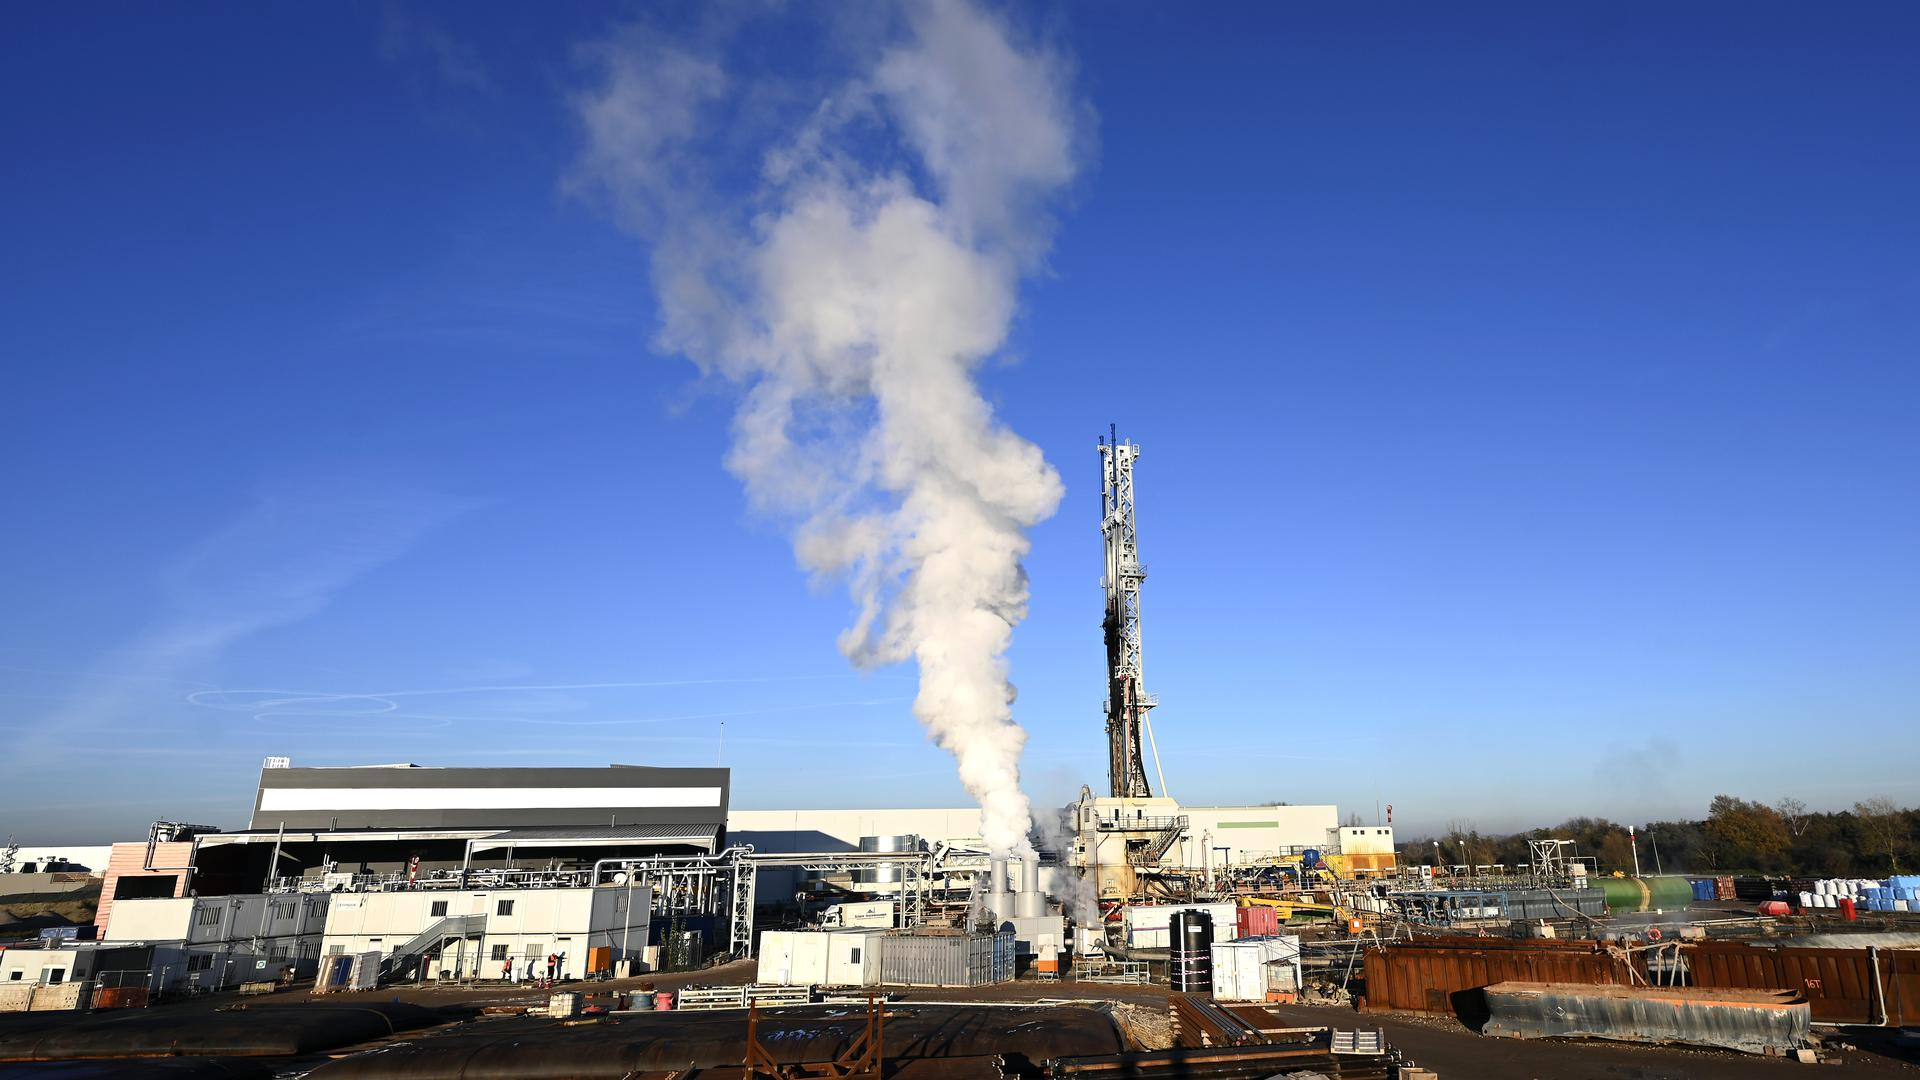 Blick auf das Geothermie-Kraftwerk, von dem Dampf aufsteigt.